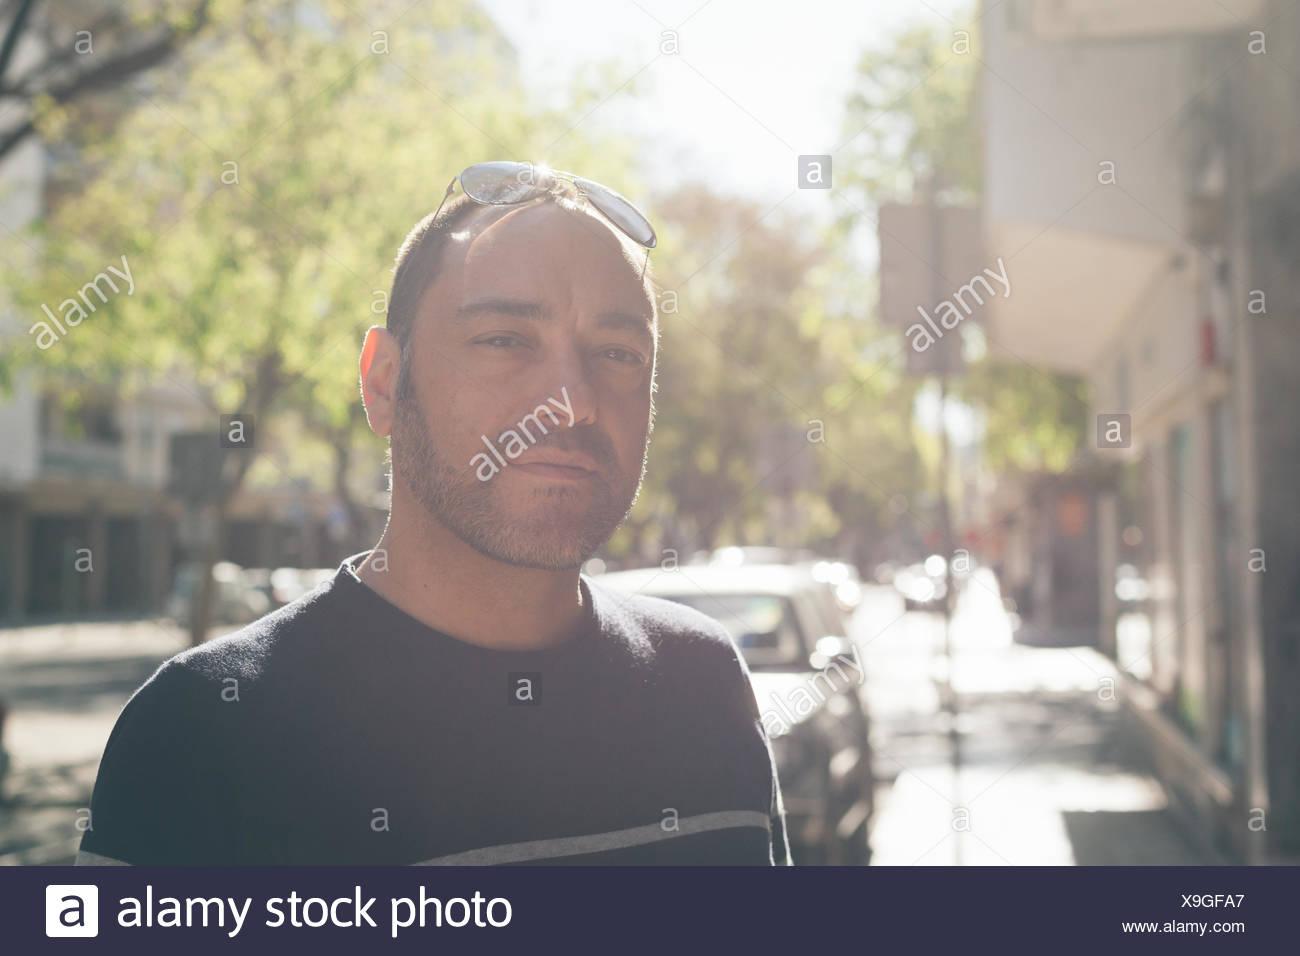 Retrato de un hombre adulto medio pararse en la acera Imagen De Stock